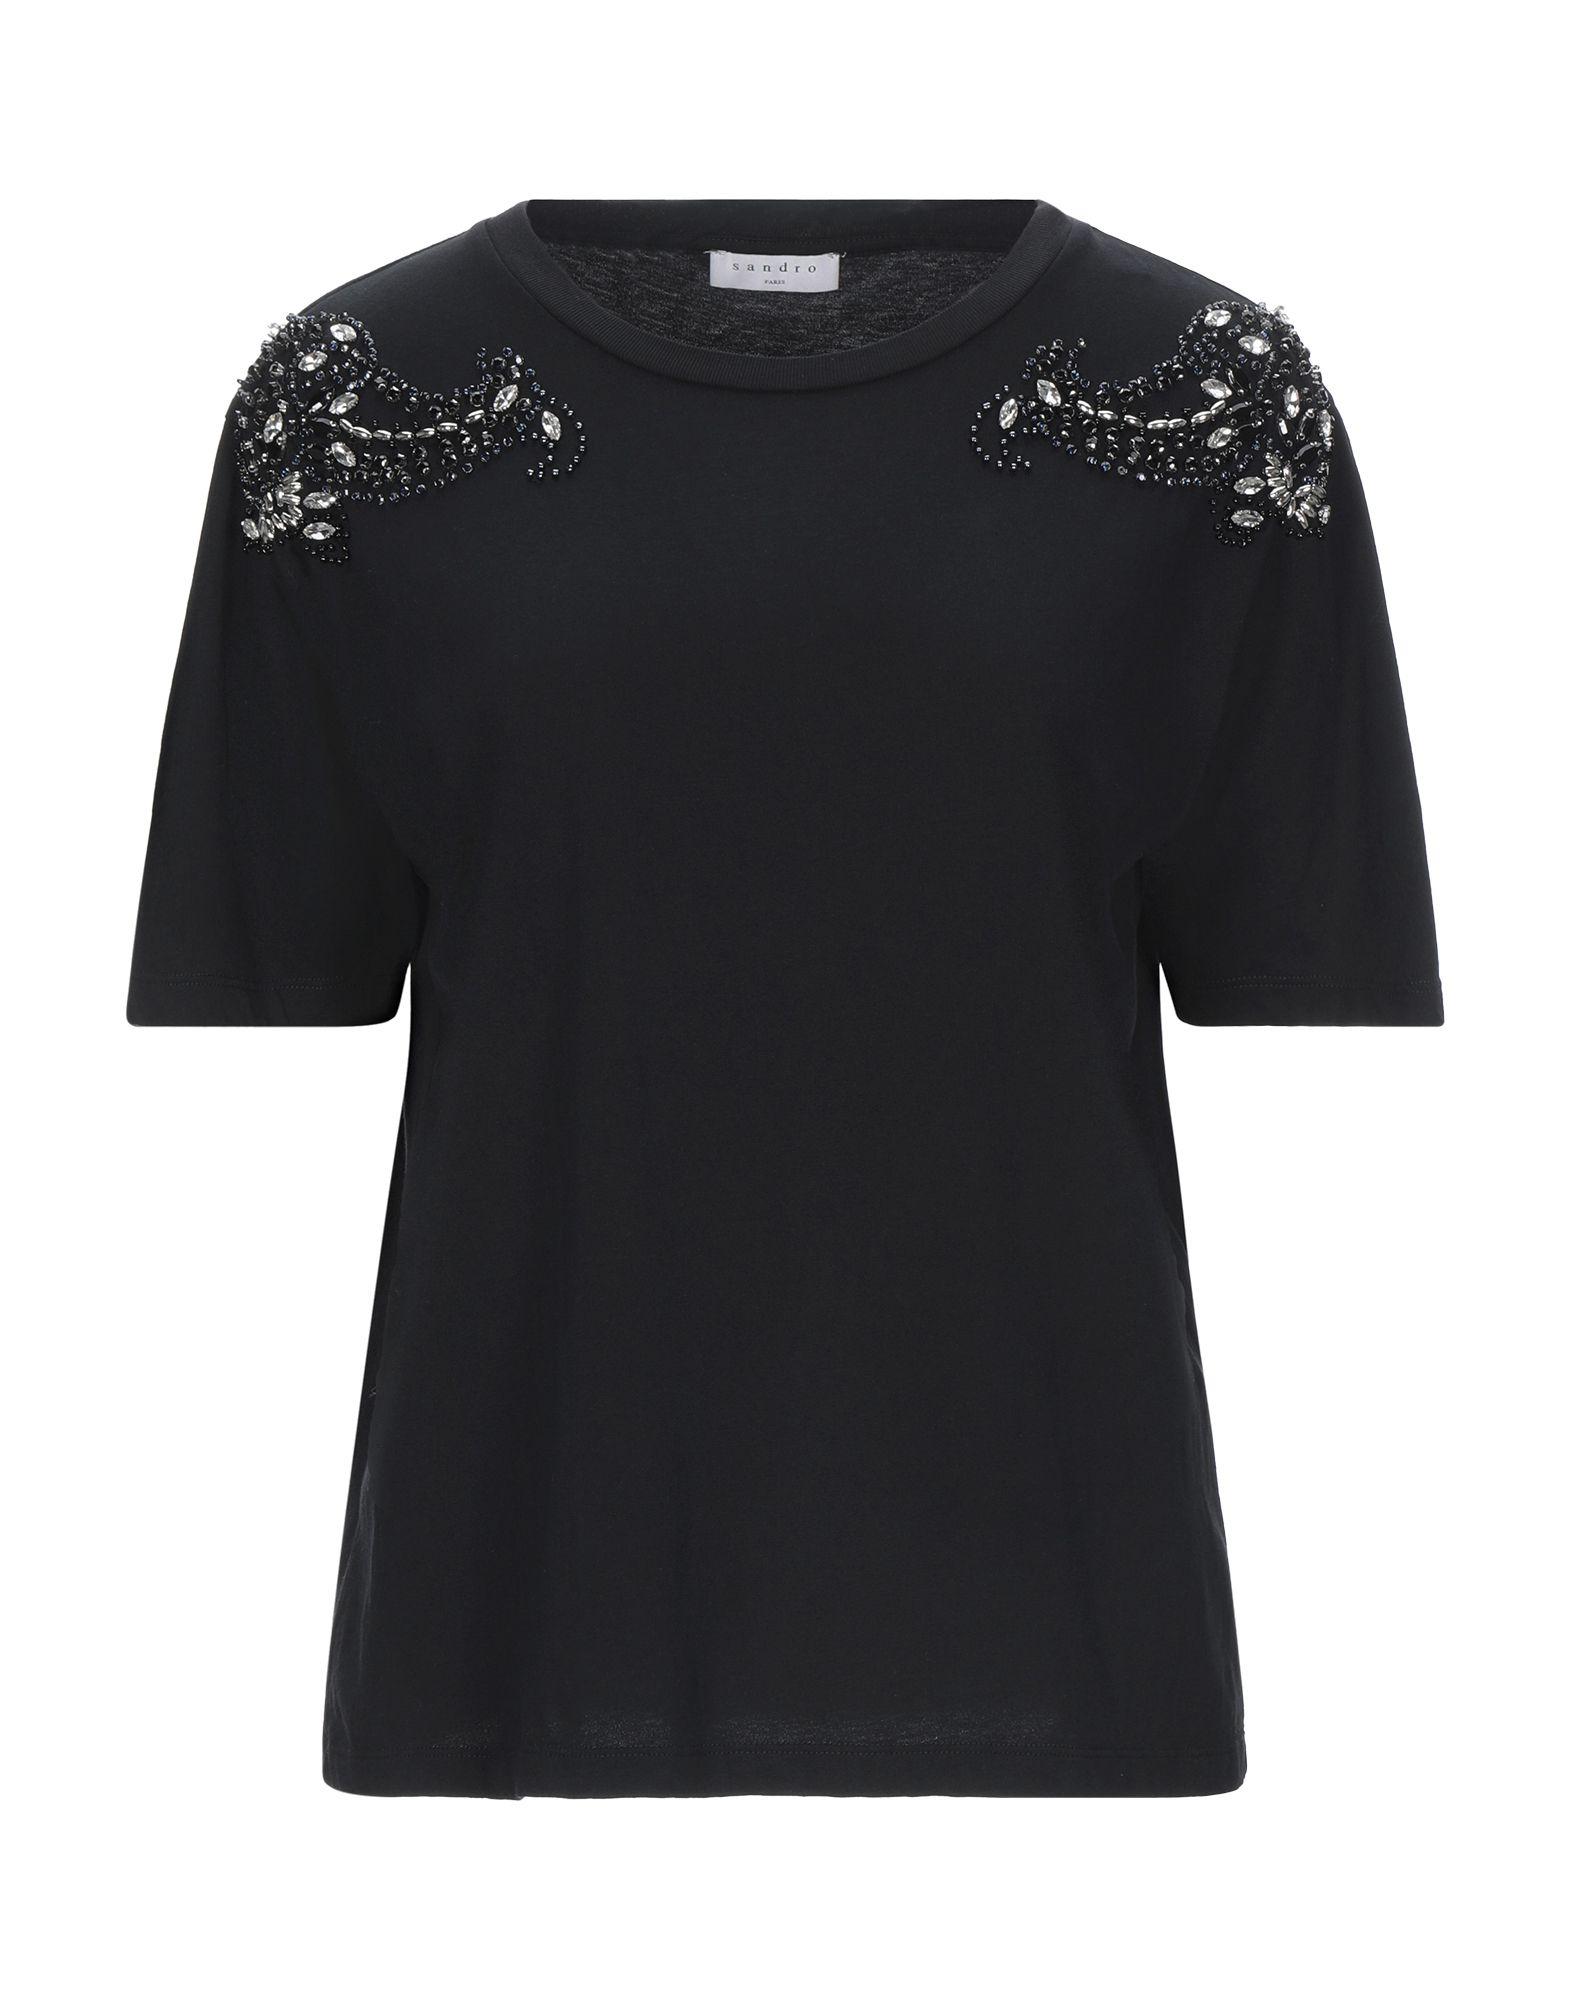 《セール開催中》SANDRO レディース T シャツ ブラック 1 コットン 100% / ガラス / 銅 / ポリ塩化ビニル / 合金